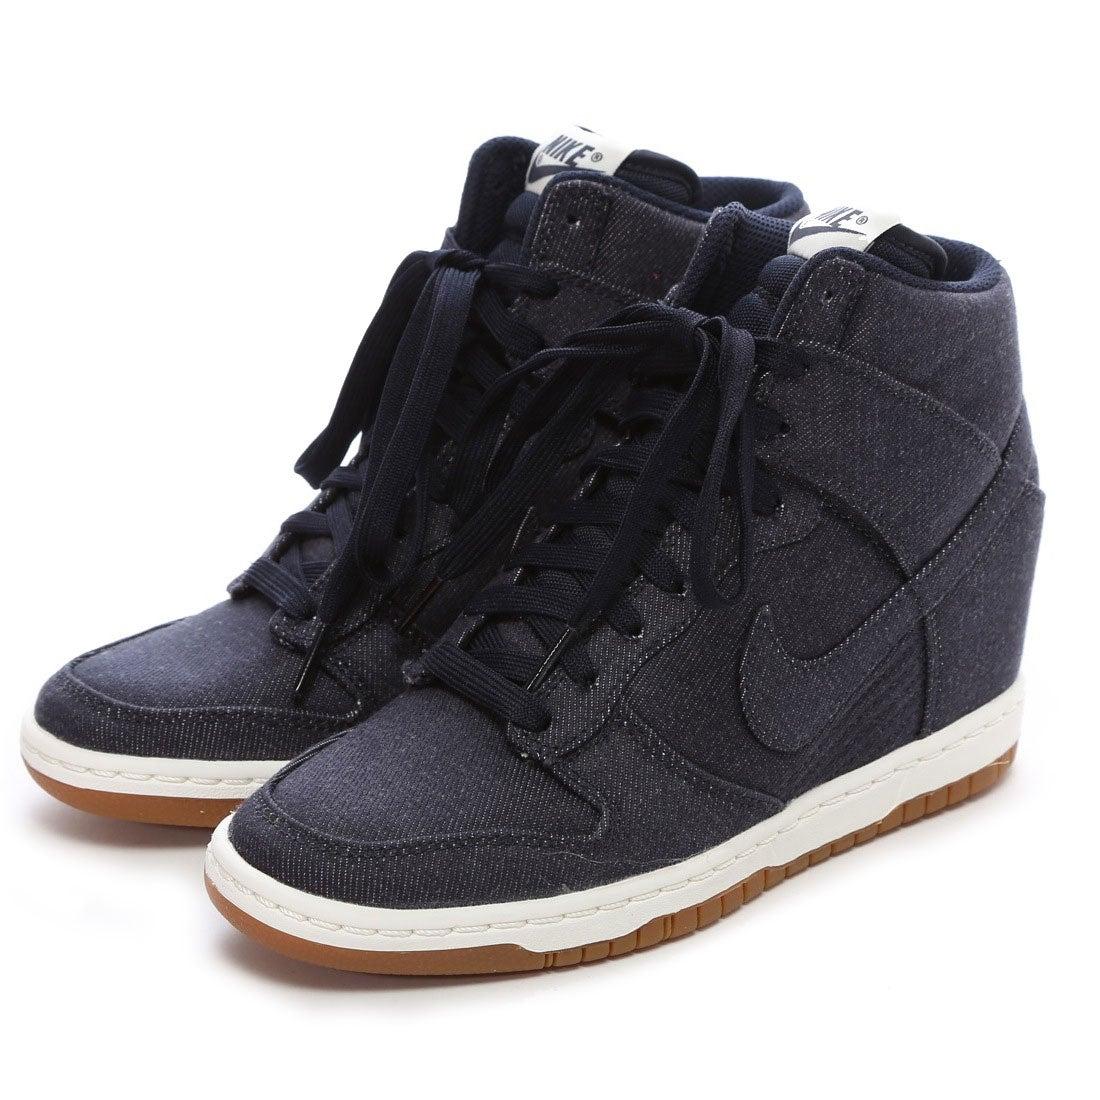 ナイキ NIKE atmos WMNS DUNK SKY HI ESSENTIAL(DENIM) -靴&ファッション通販  ロコンド〜自宅で試着、気軽に返品 8e424312215d